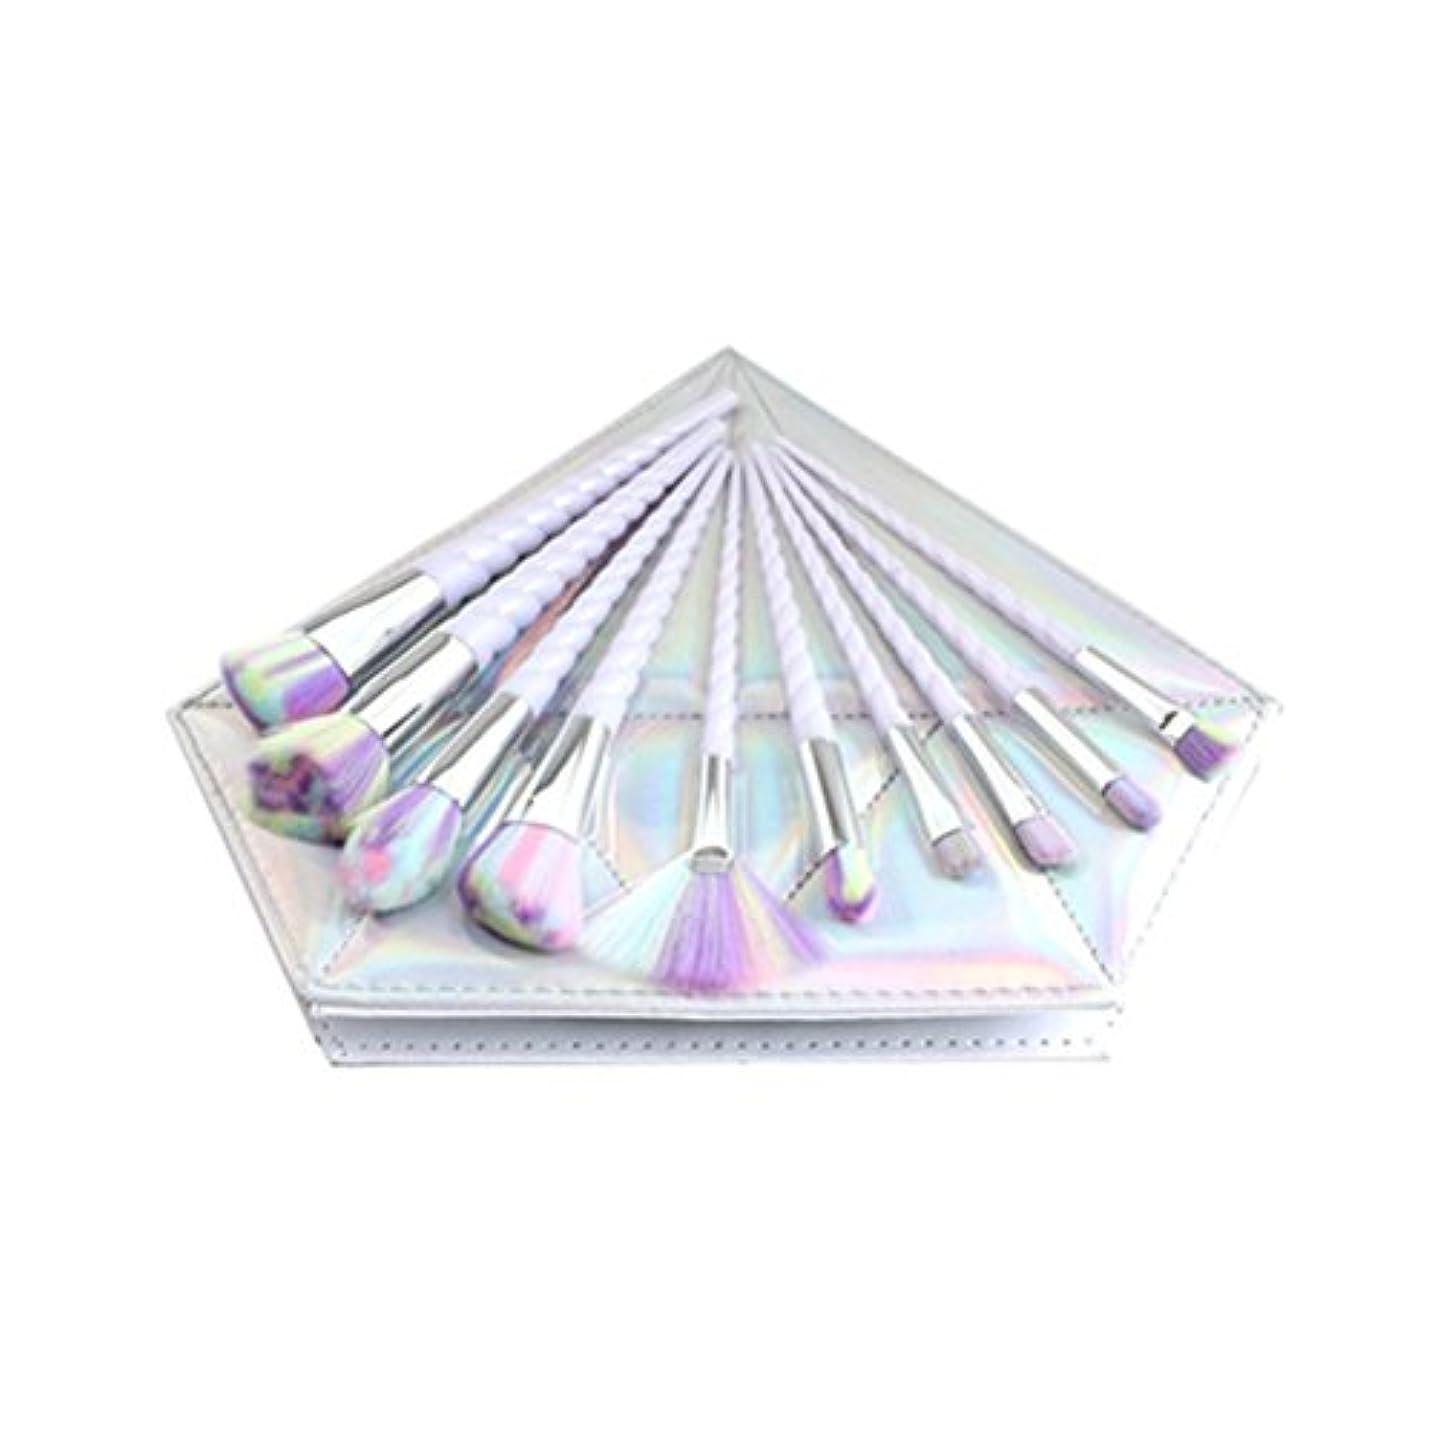 埋め込む素晴らしい塊Dilla Beauty 10本セットユニコーンデザインプラスチックハンドル形状メイクブラシセット合成毛ファンデーションブラシアイシャドーブラッシャー美容ツール美しい化粧品のバッグを送る (白いハンドル - 多色の毛)